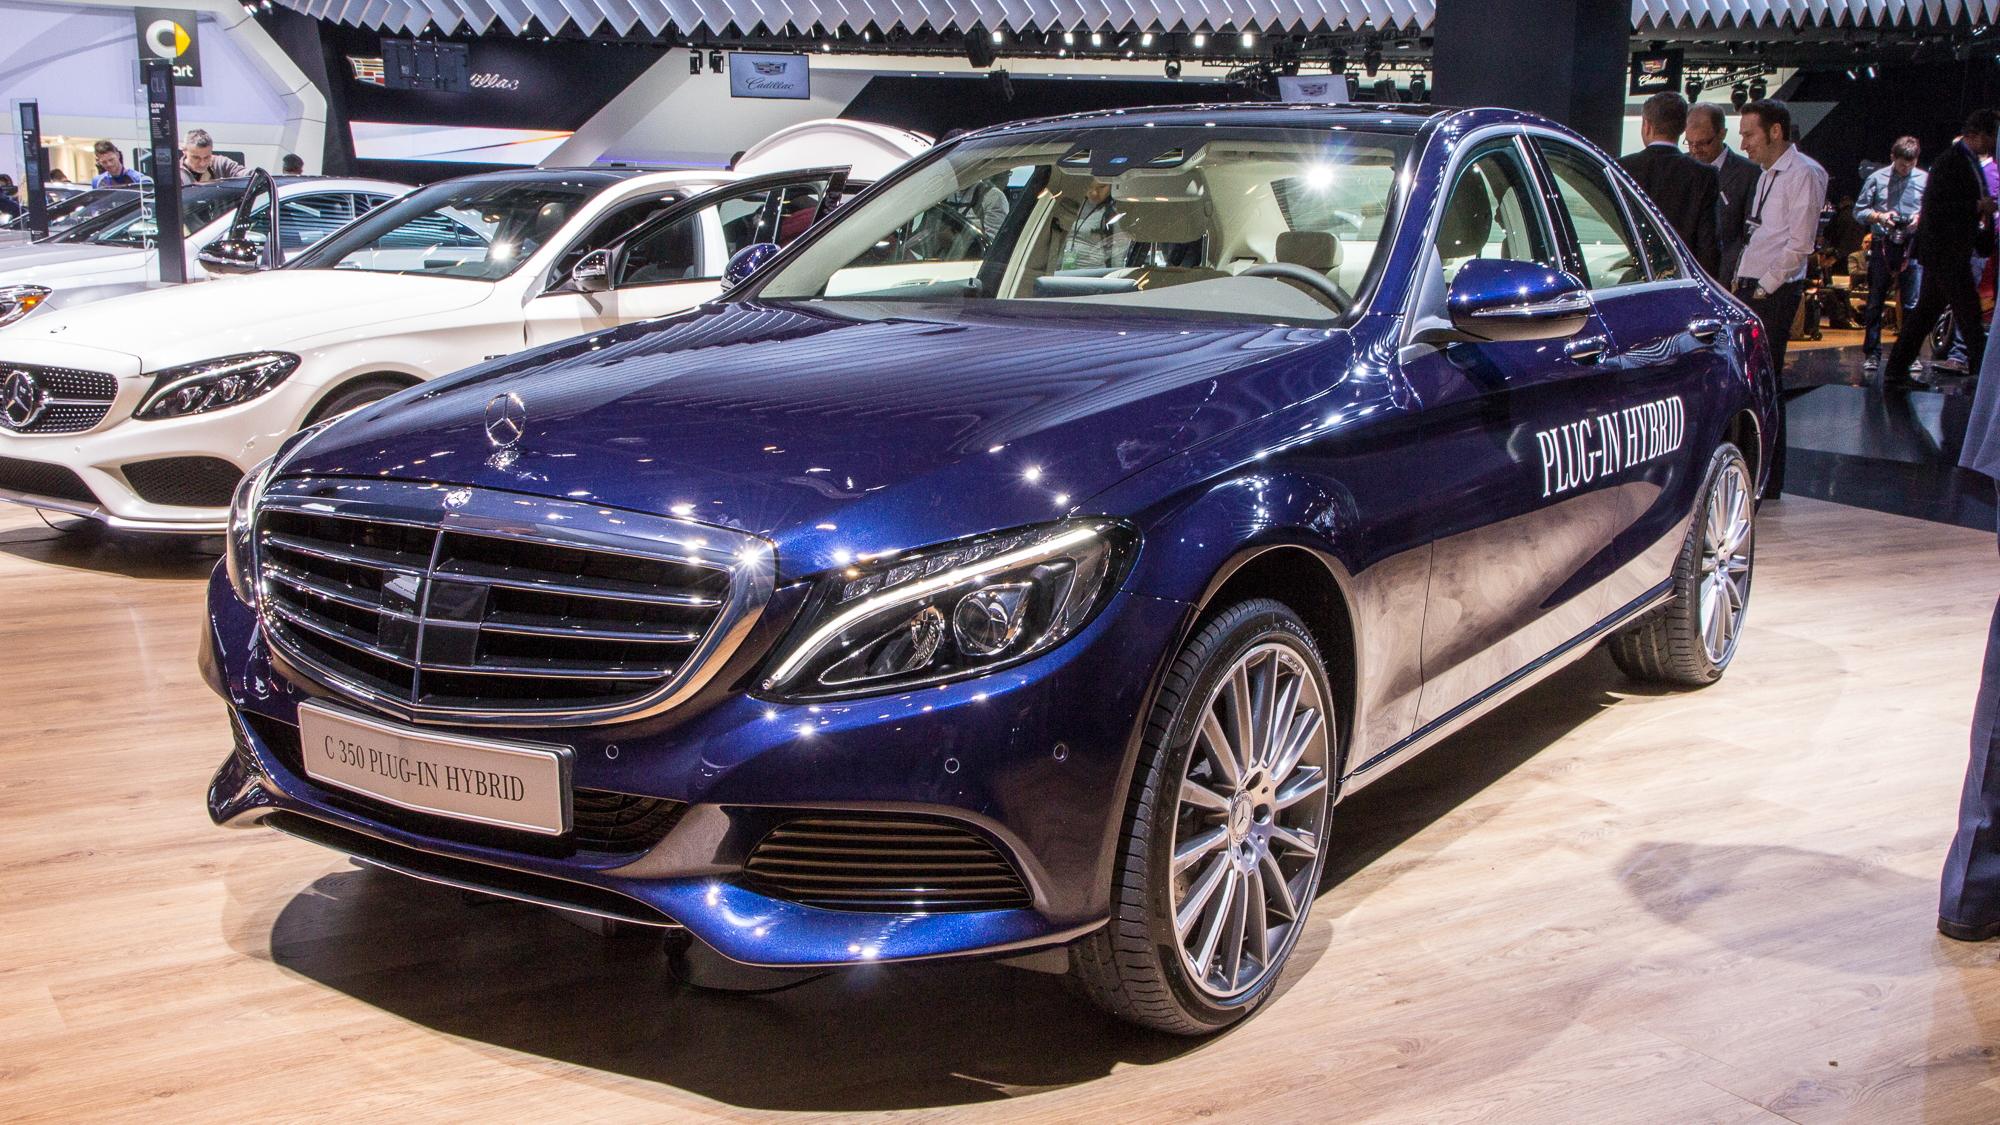 2016 Mercedes Benz C350 Plug In Hybrid Live Photos 2017 Detroit Auto Show